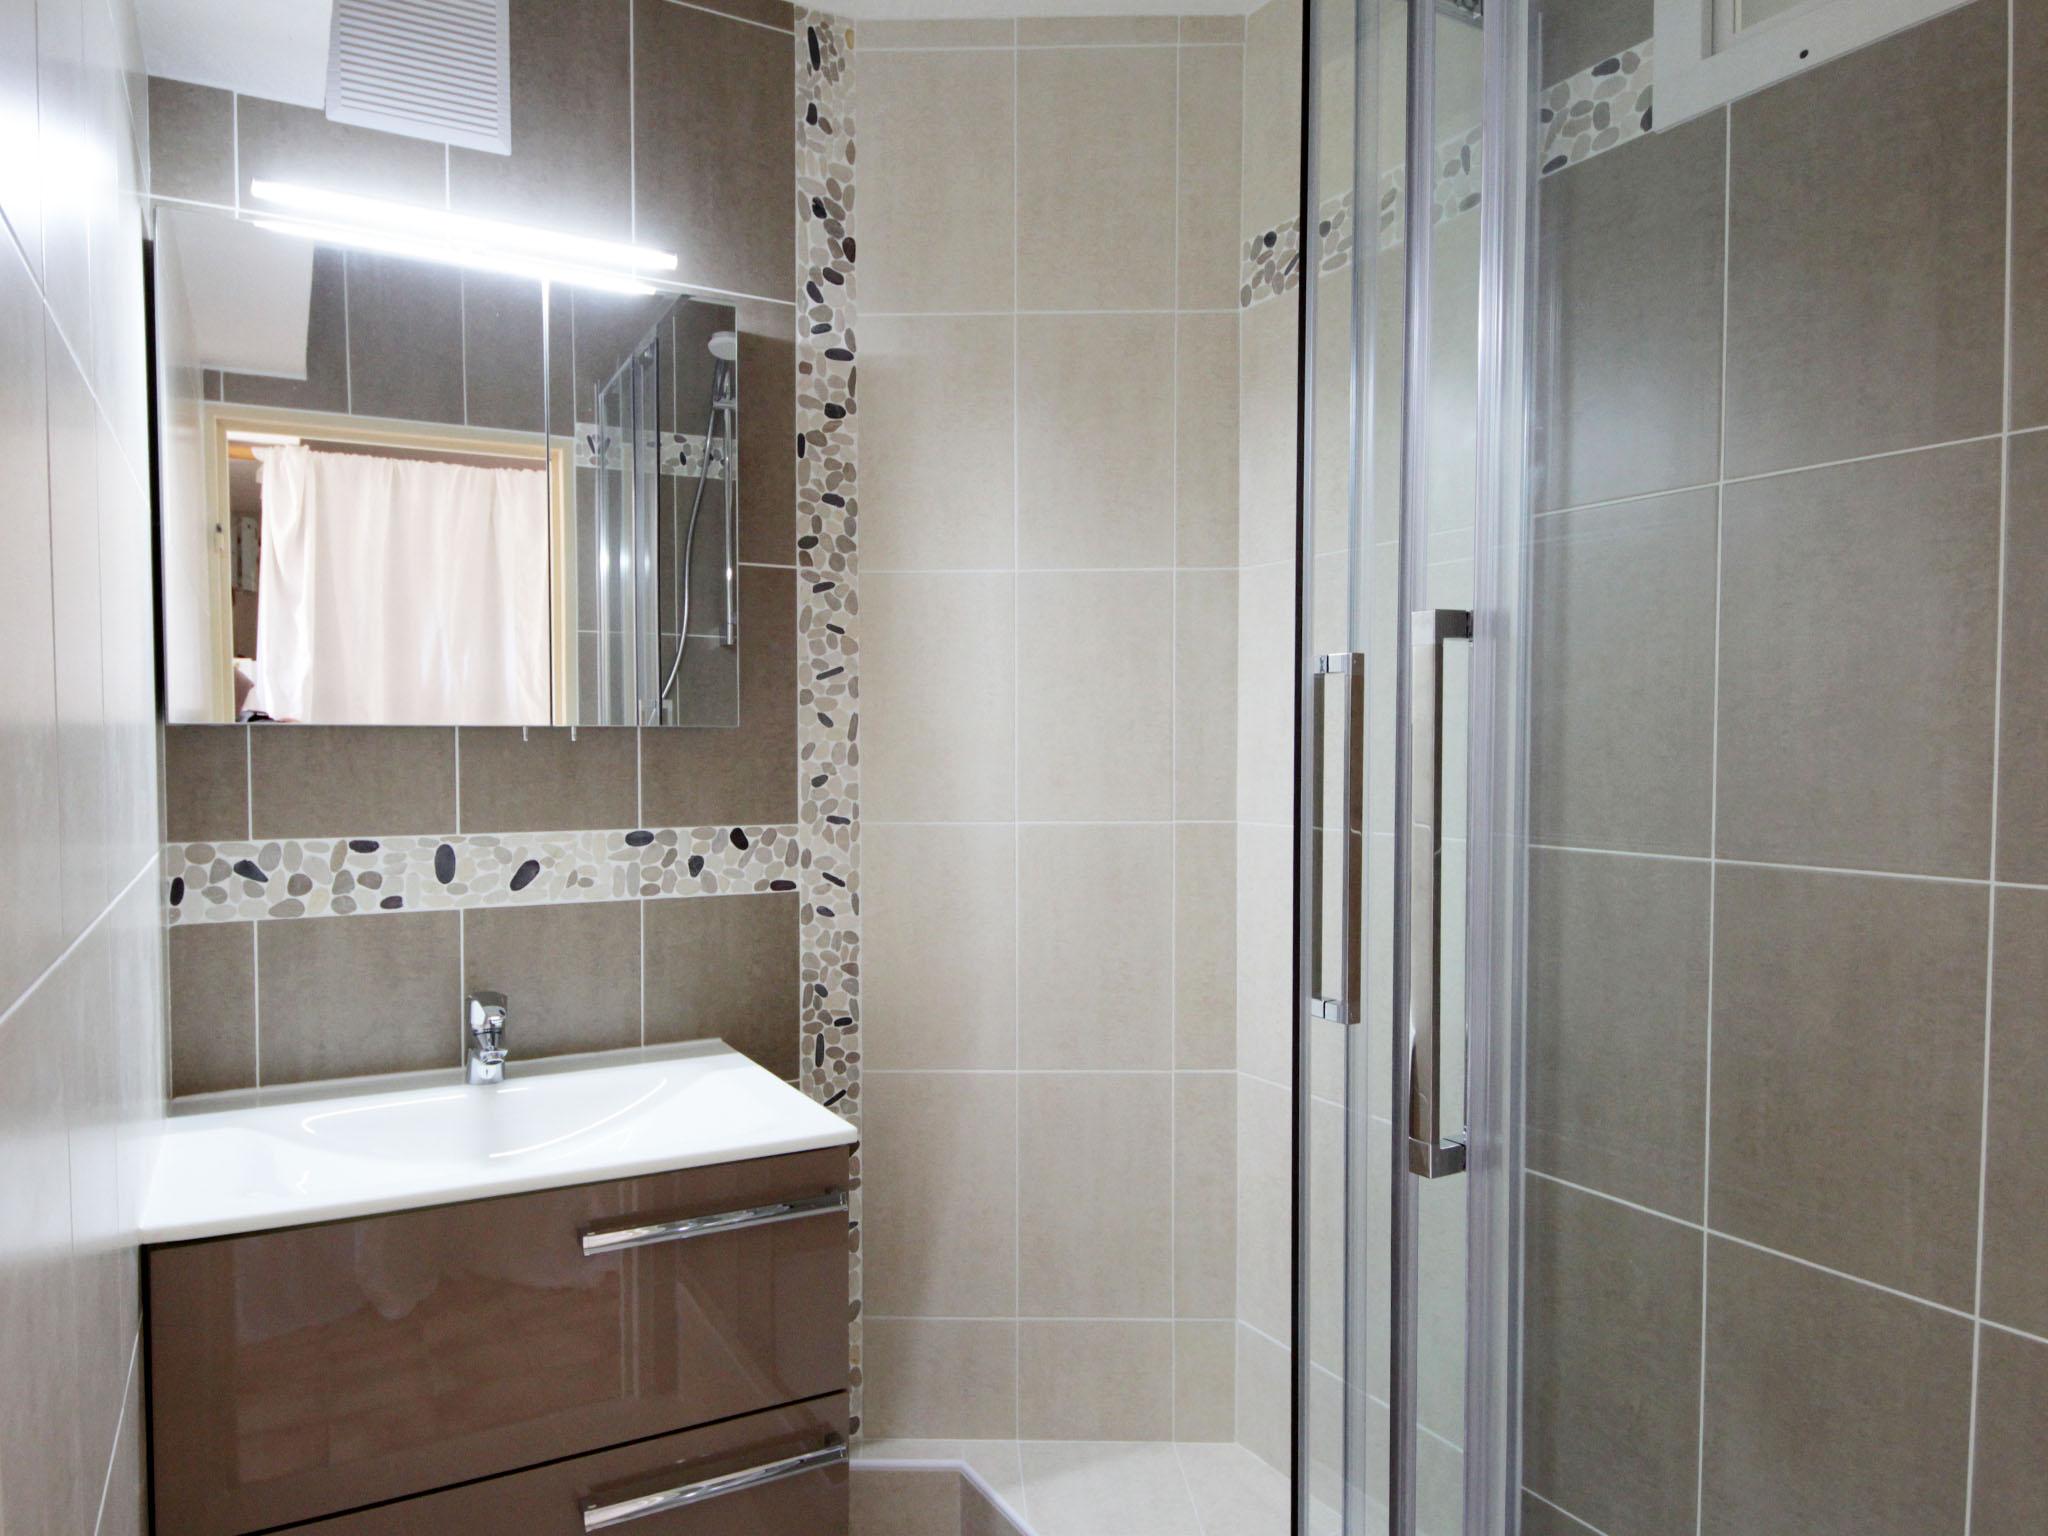 Travaux de renovation d 39 interieur cuisine salle de for Peinture de salle de bain